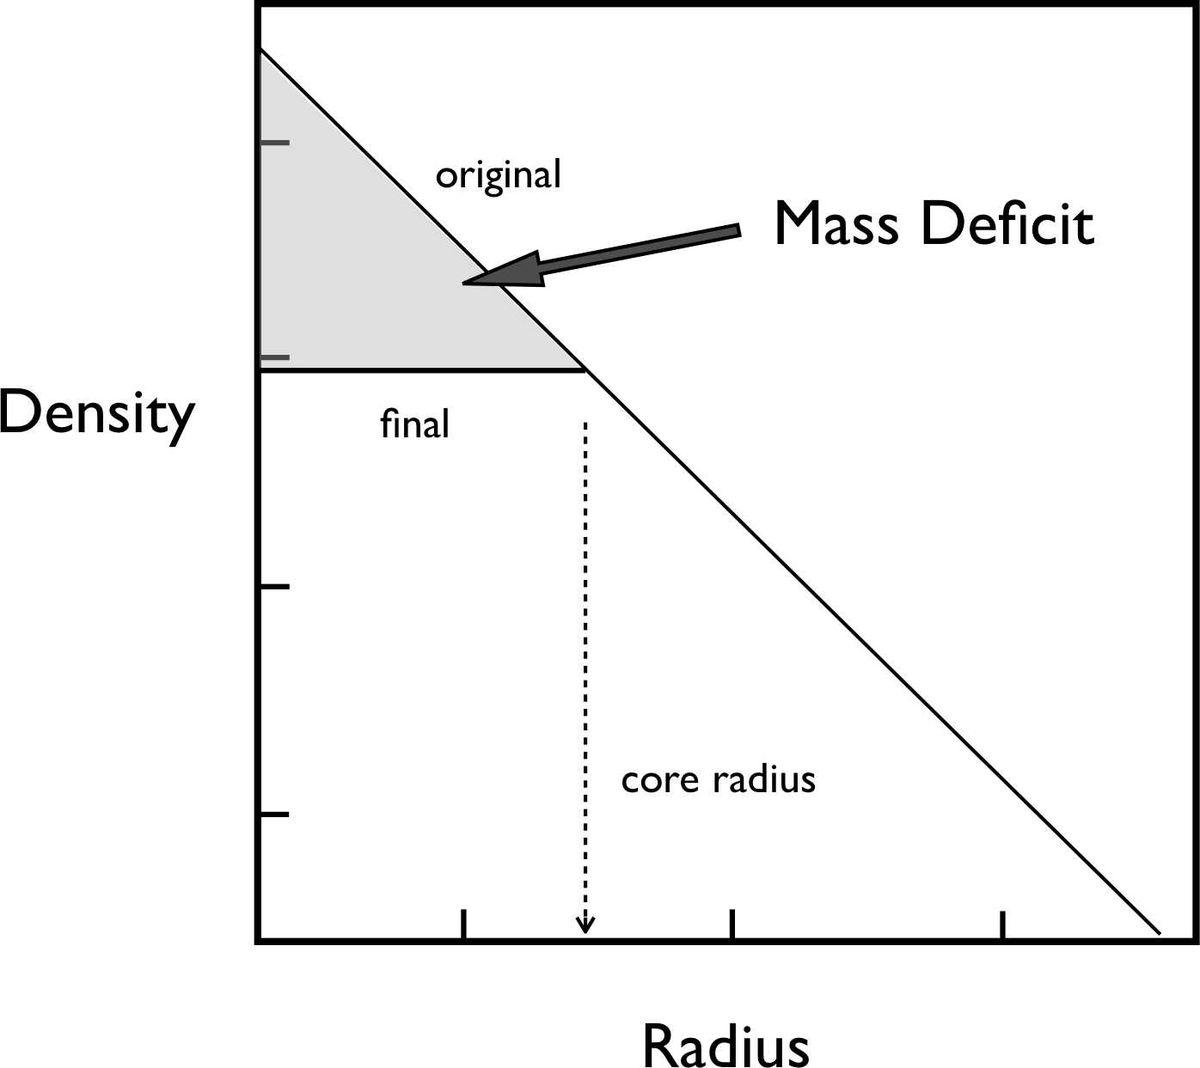 Mass Deficit